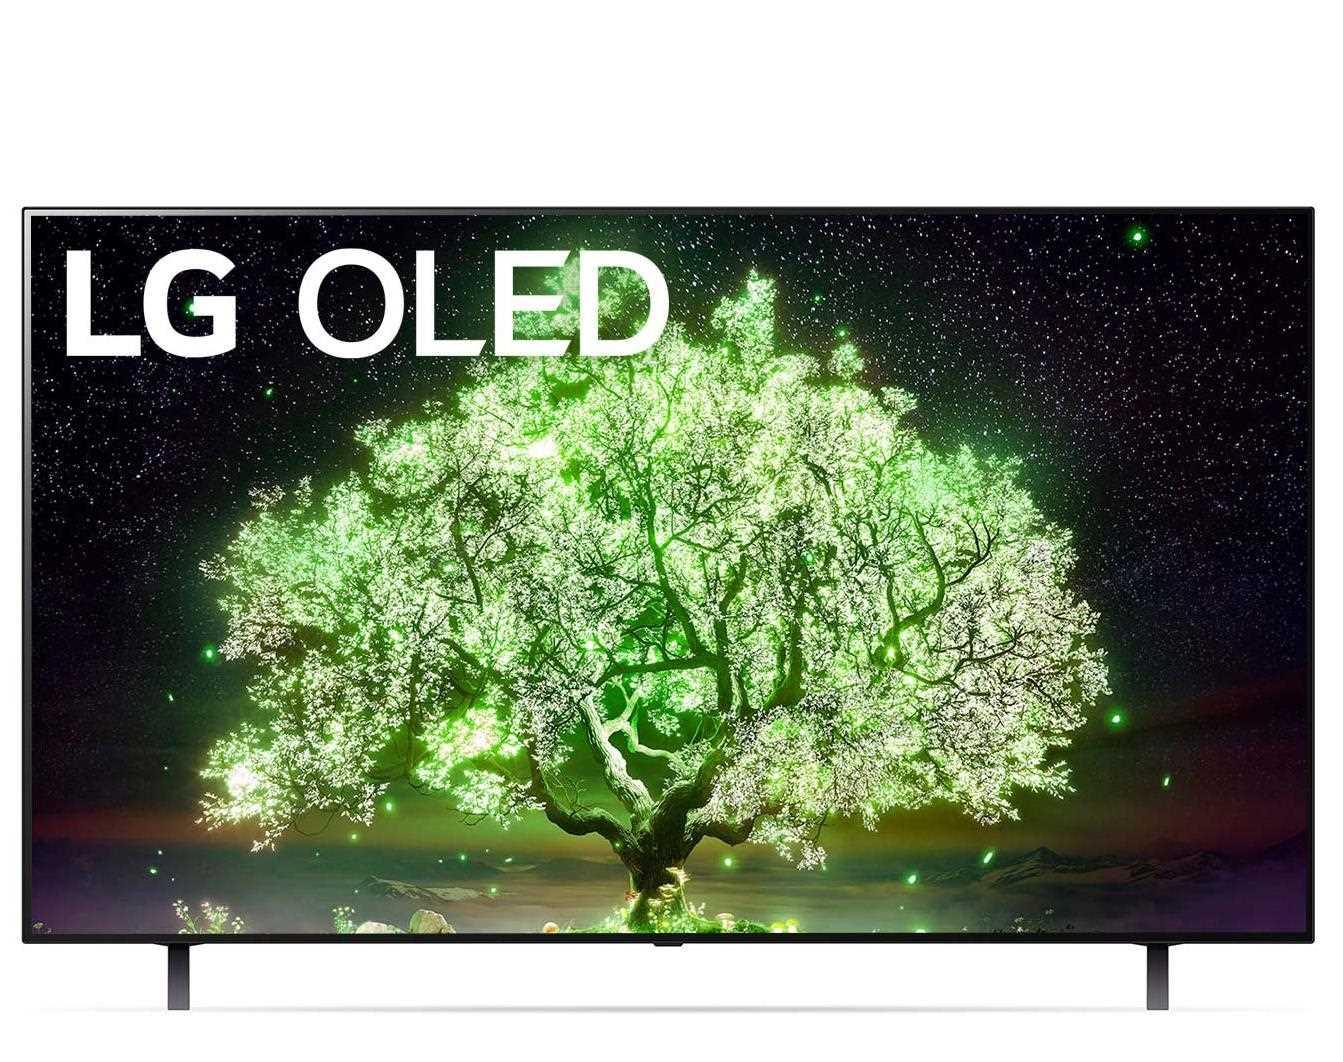 טלוויזיה 55 אינץ' דגם OLED 55A16LA/PVA  בטכנולוגיית LG OLED 4K Ultra HD אל ג'י - תמונה 1